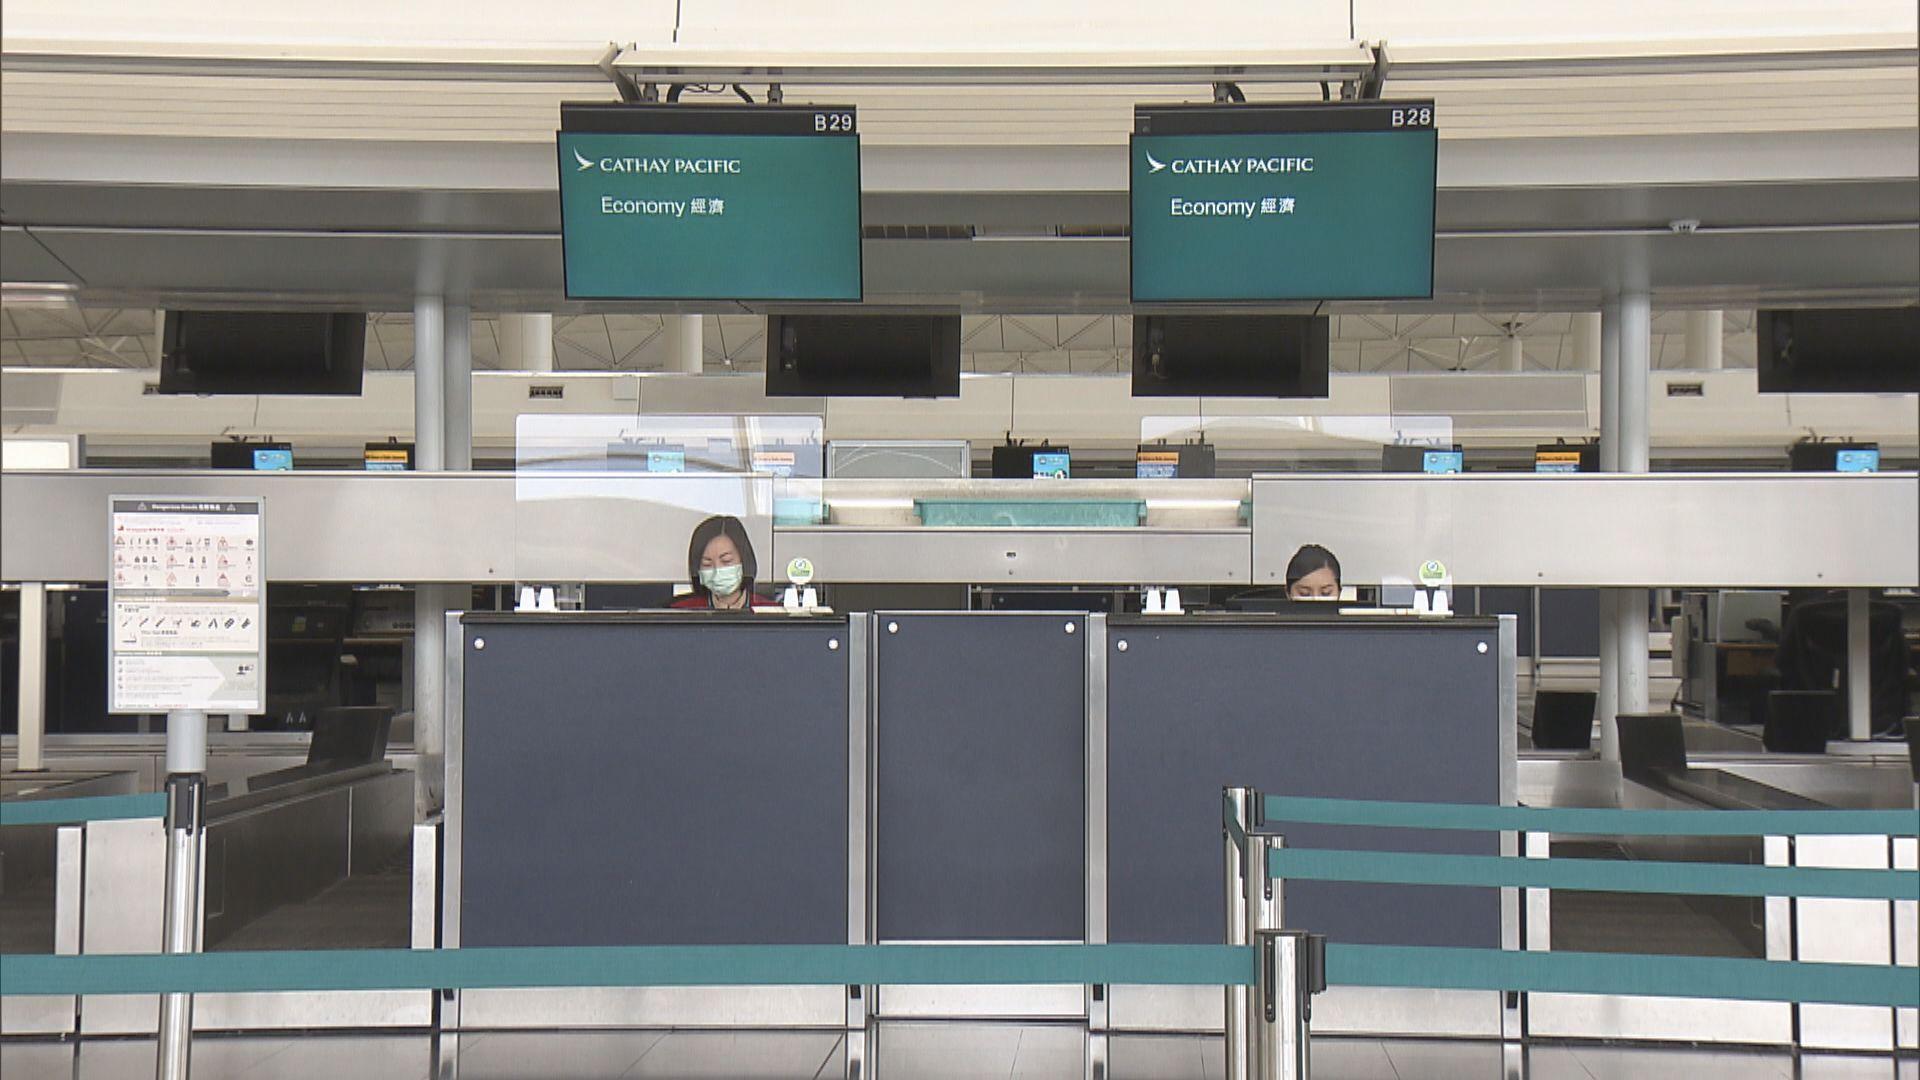 機場員工須於本月25日前接受強制檢測